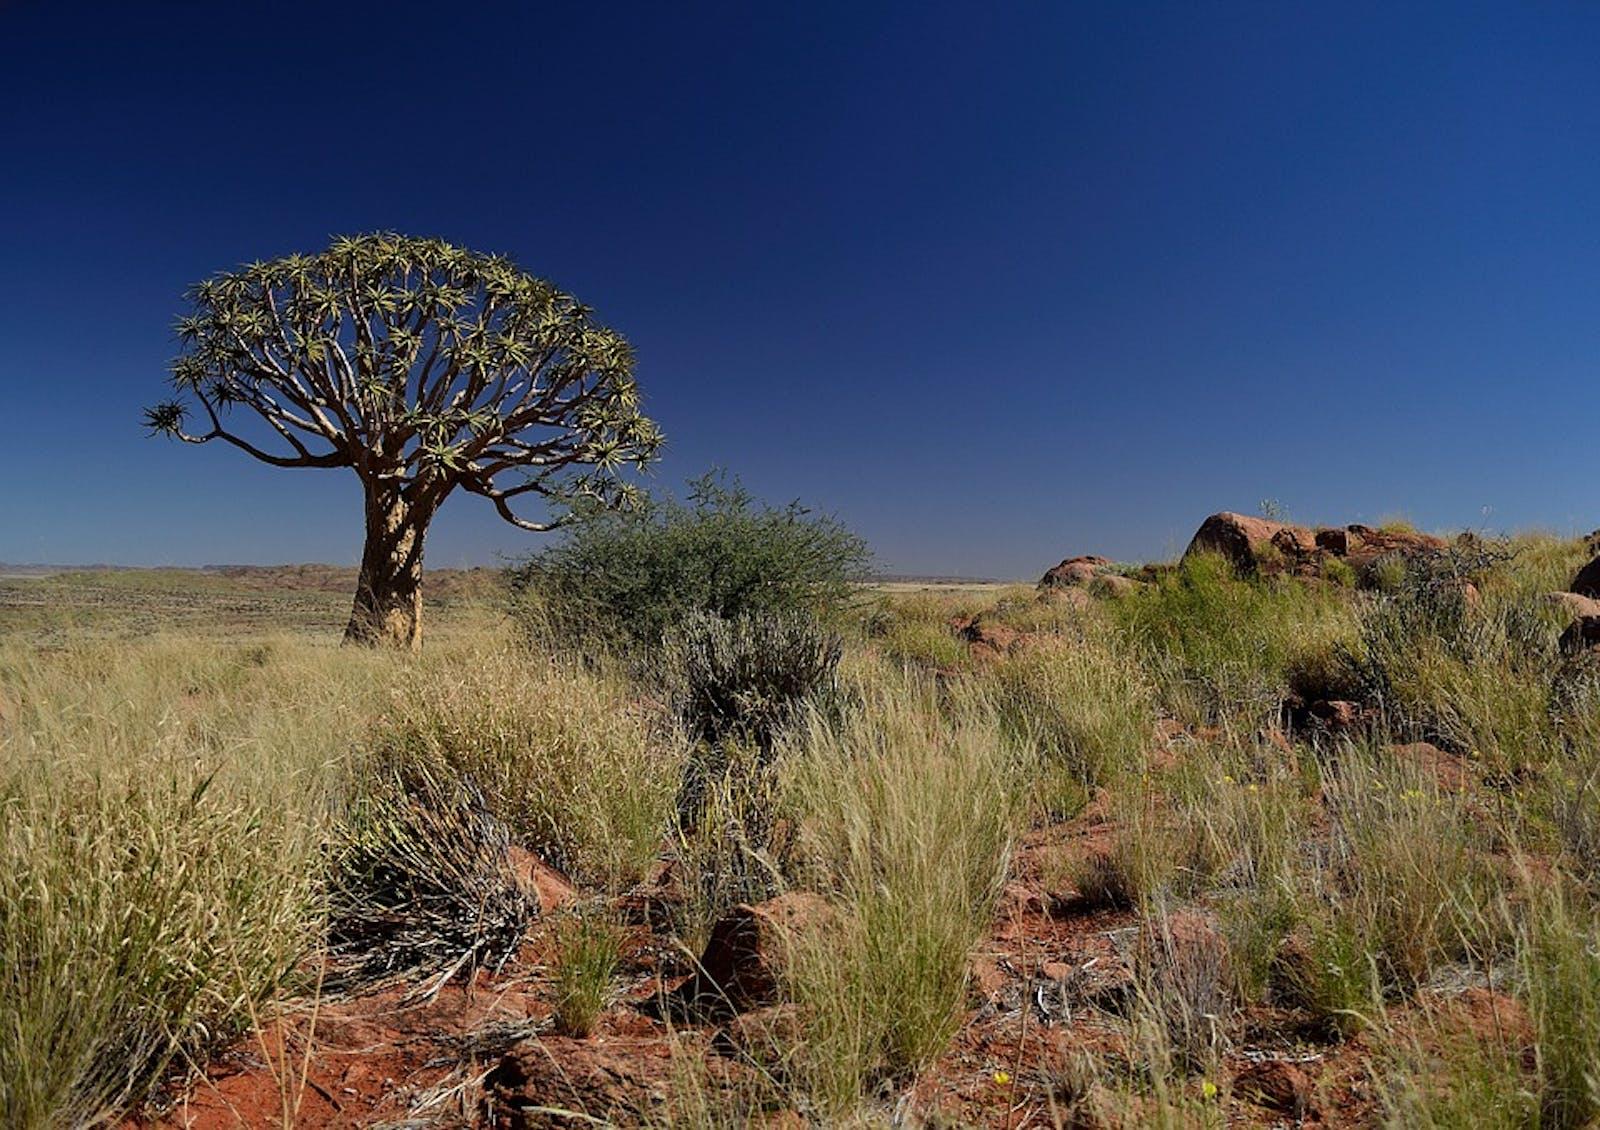 Kalahari Xeric Savanna